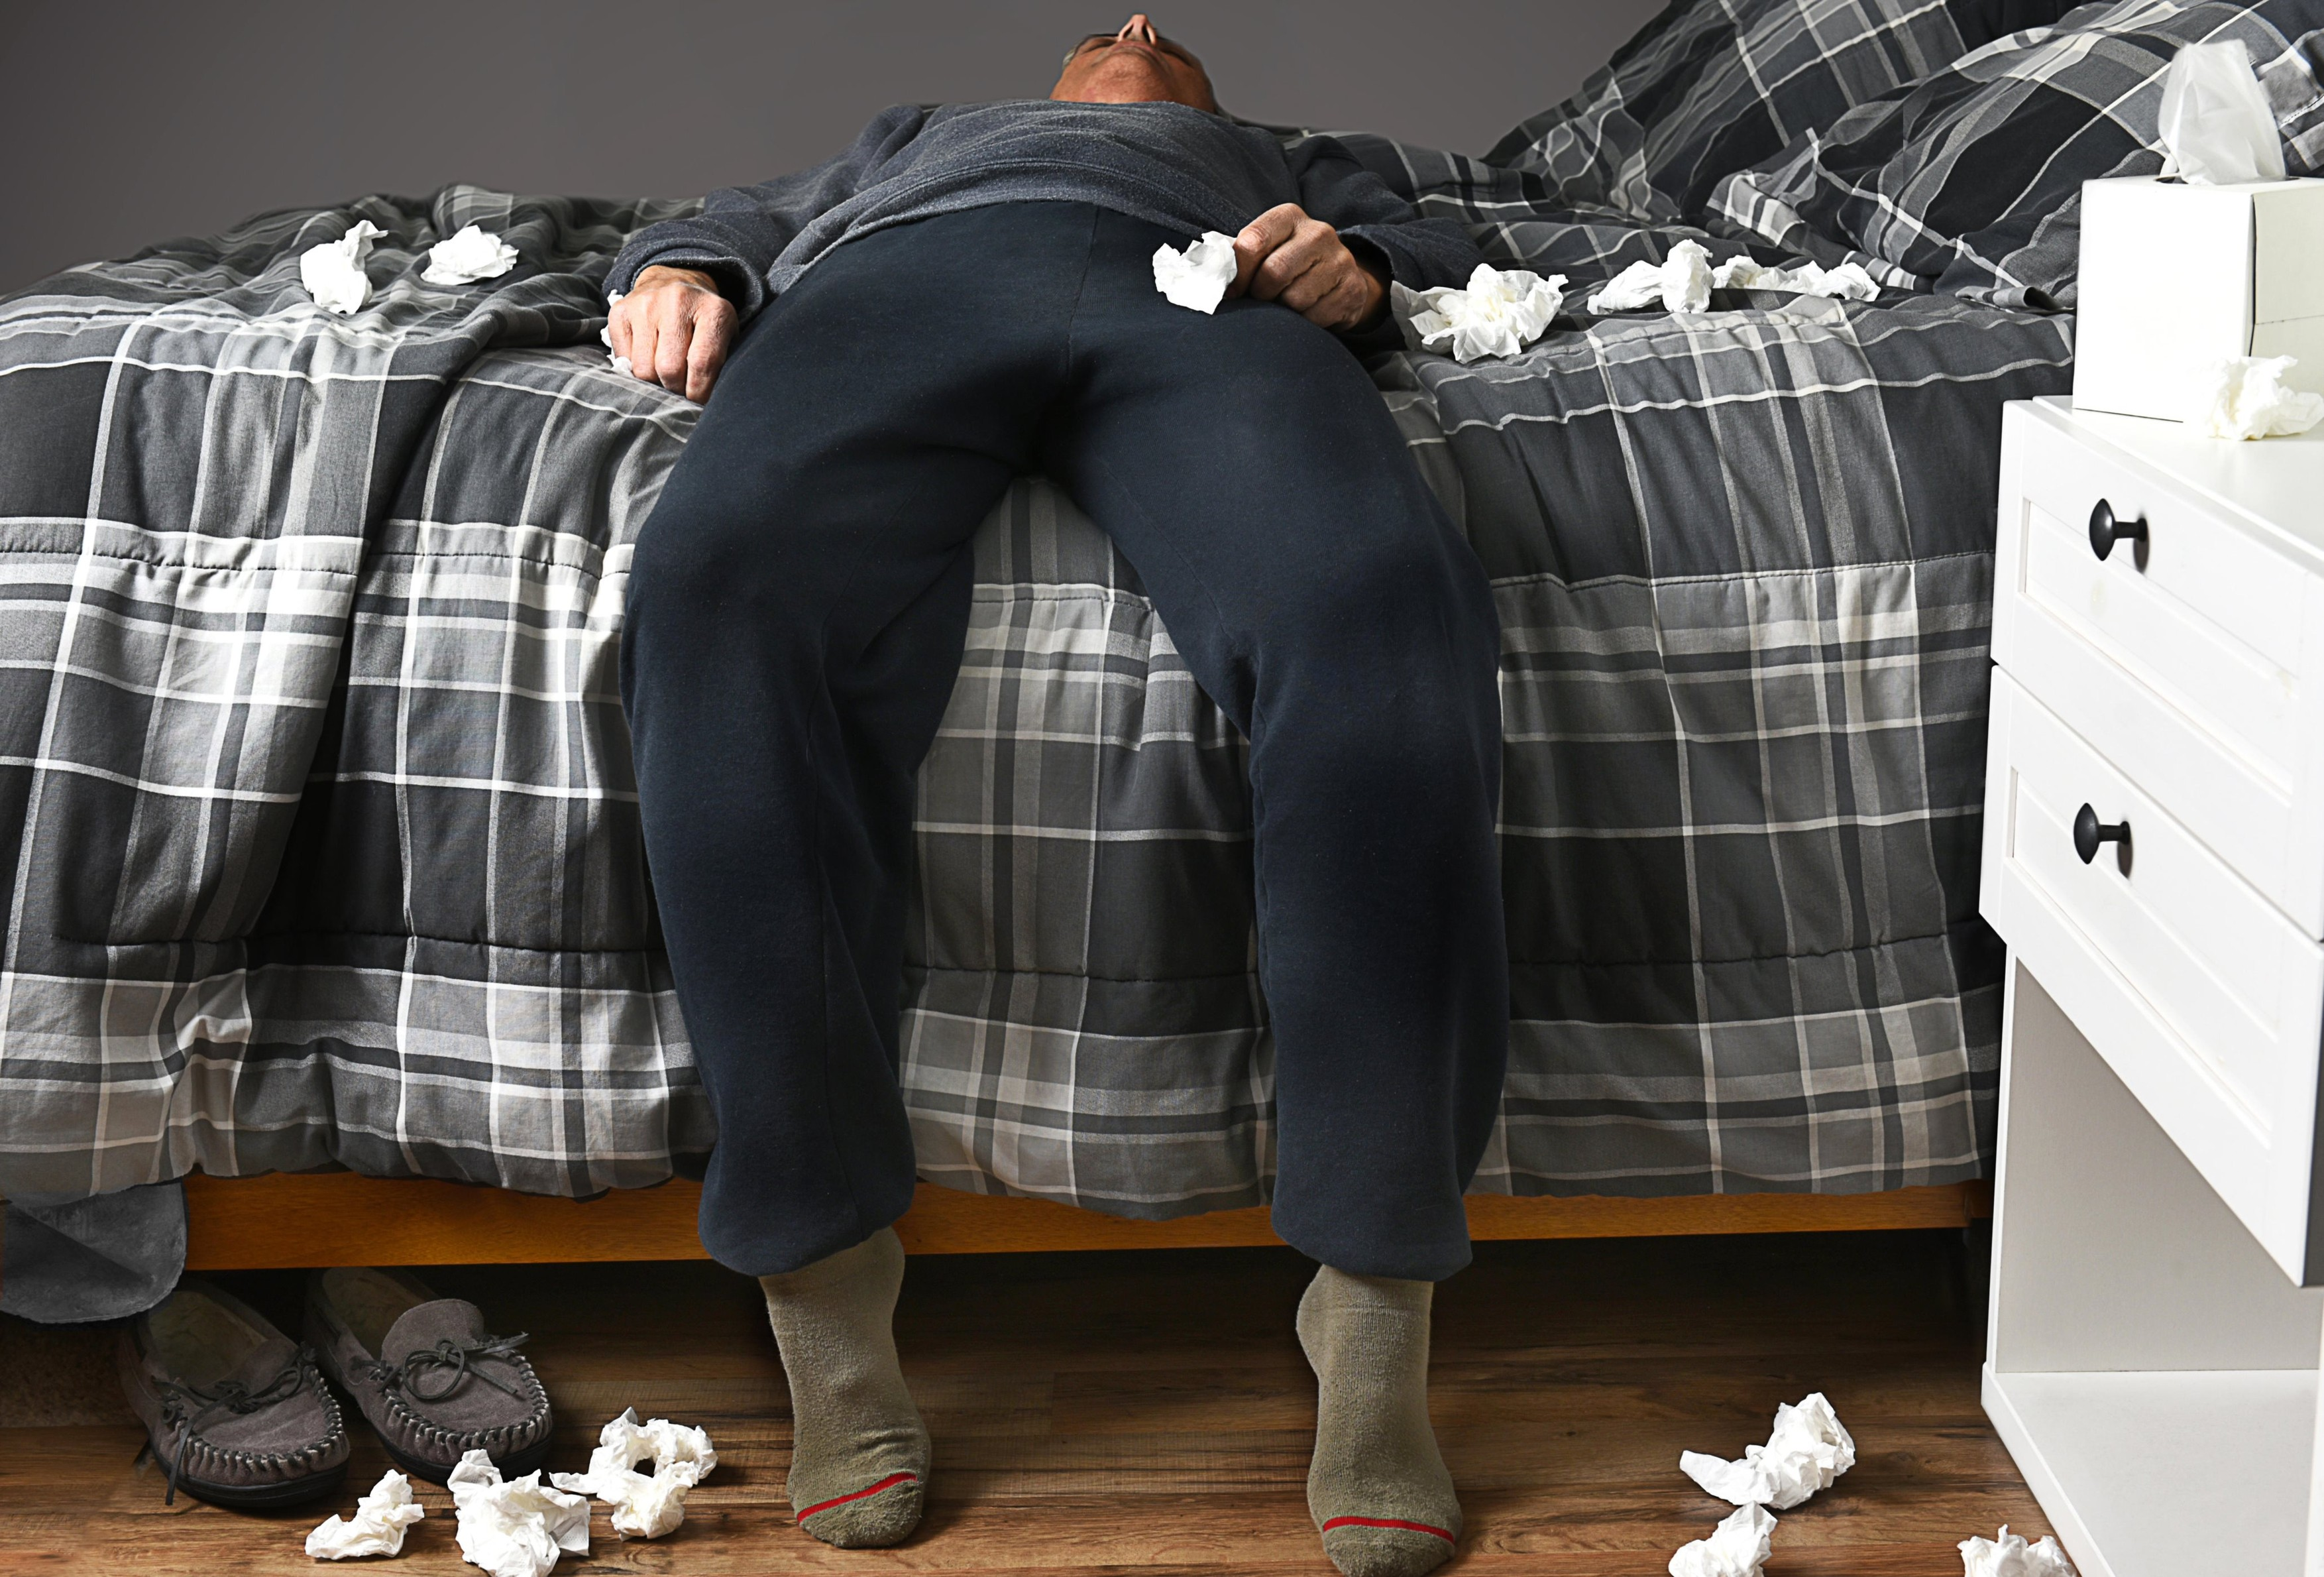 Gripa prehlad bolezen